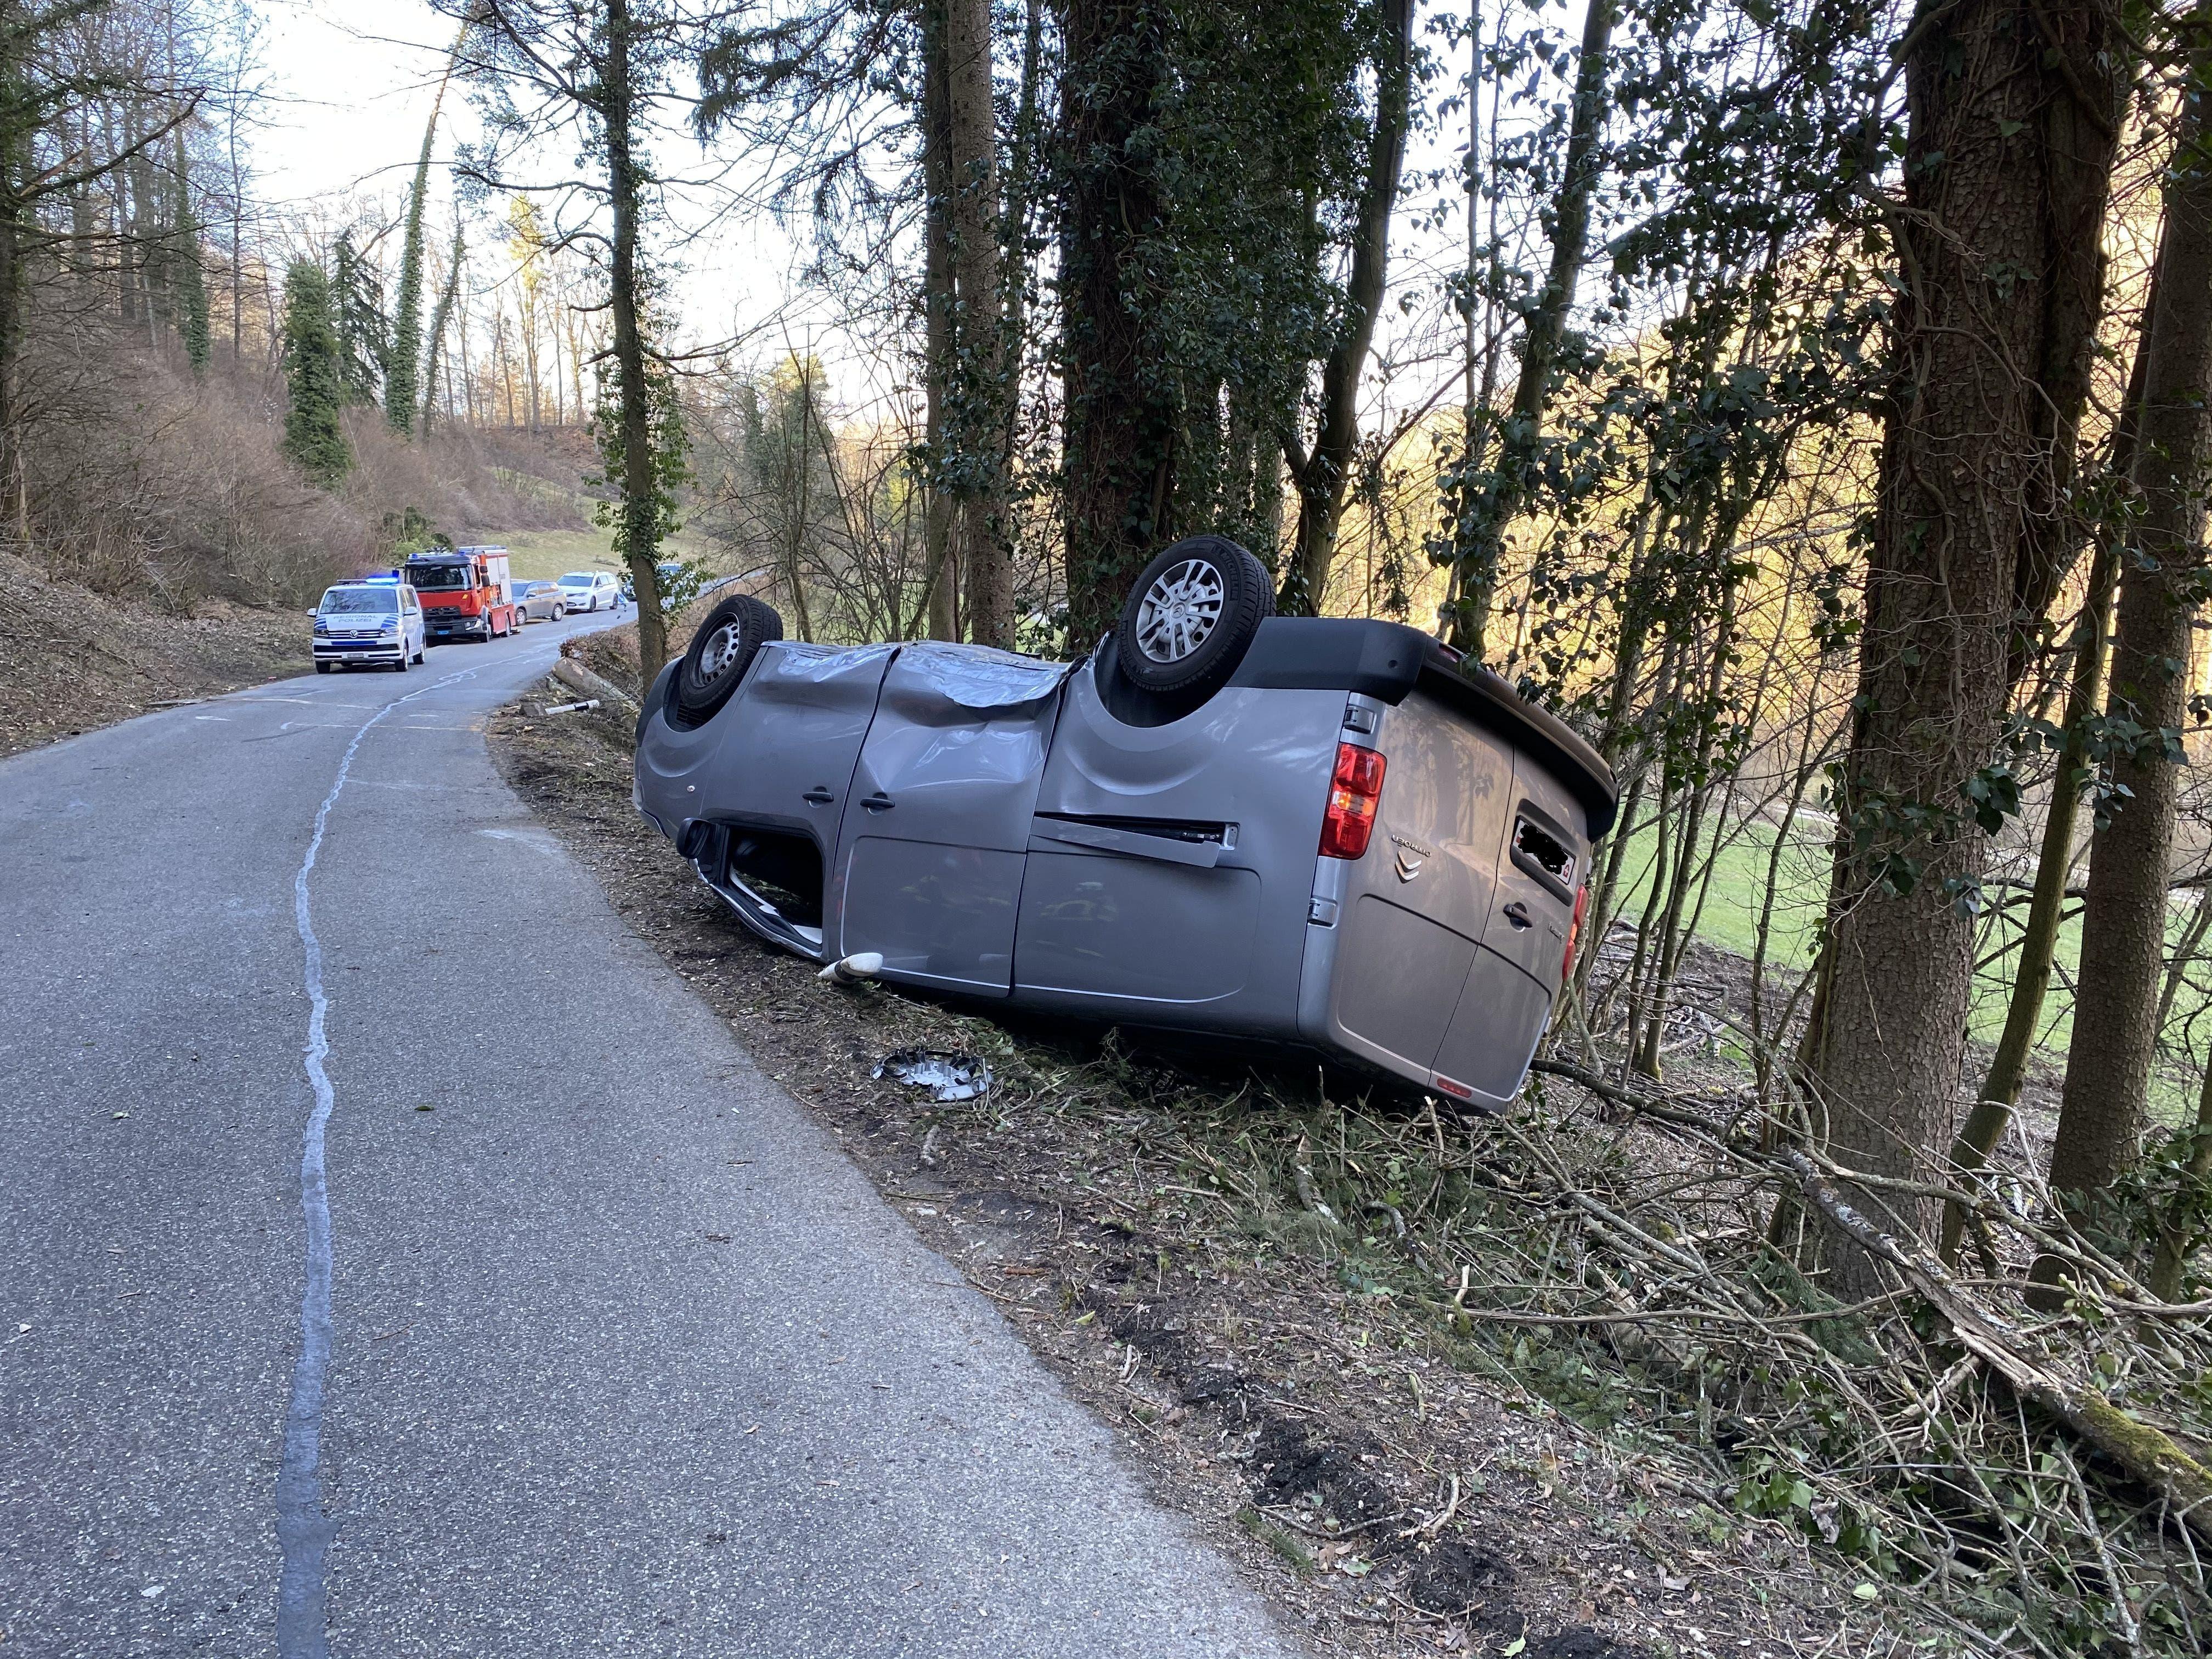 Das Auto wurde von einem herabrutschenden Baum getroffen.